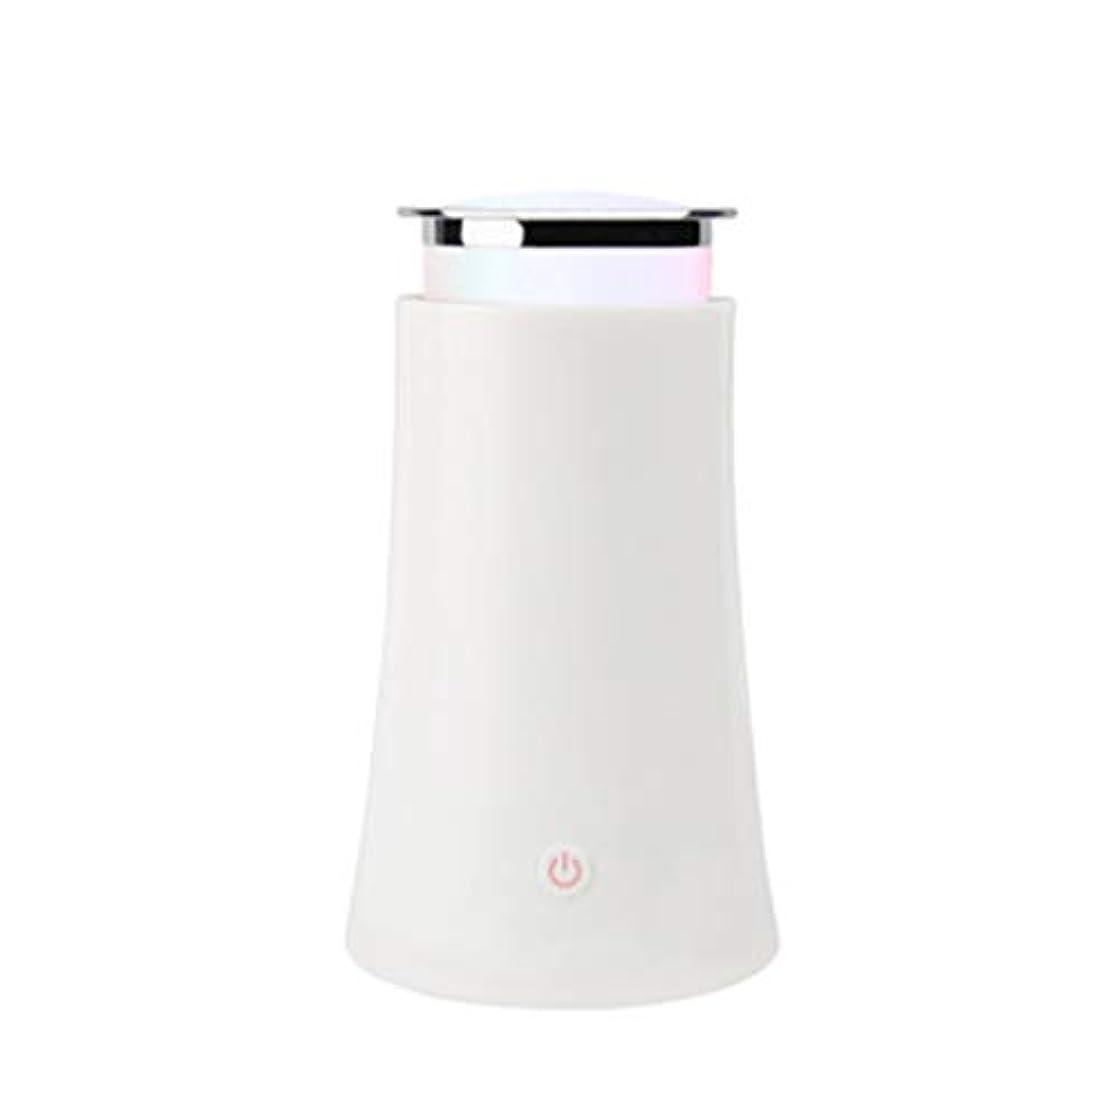 買ううなり声クリックサイレントカラースプレー機超音波加湿器プラグイン加湿器香機世帯 (Color : White)